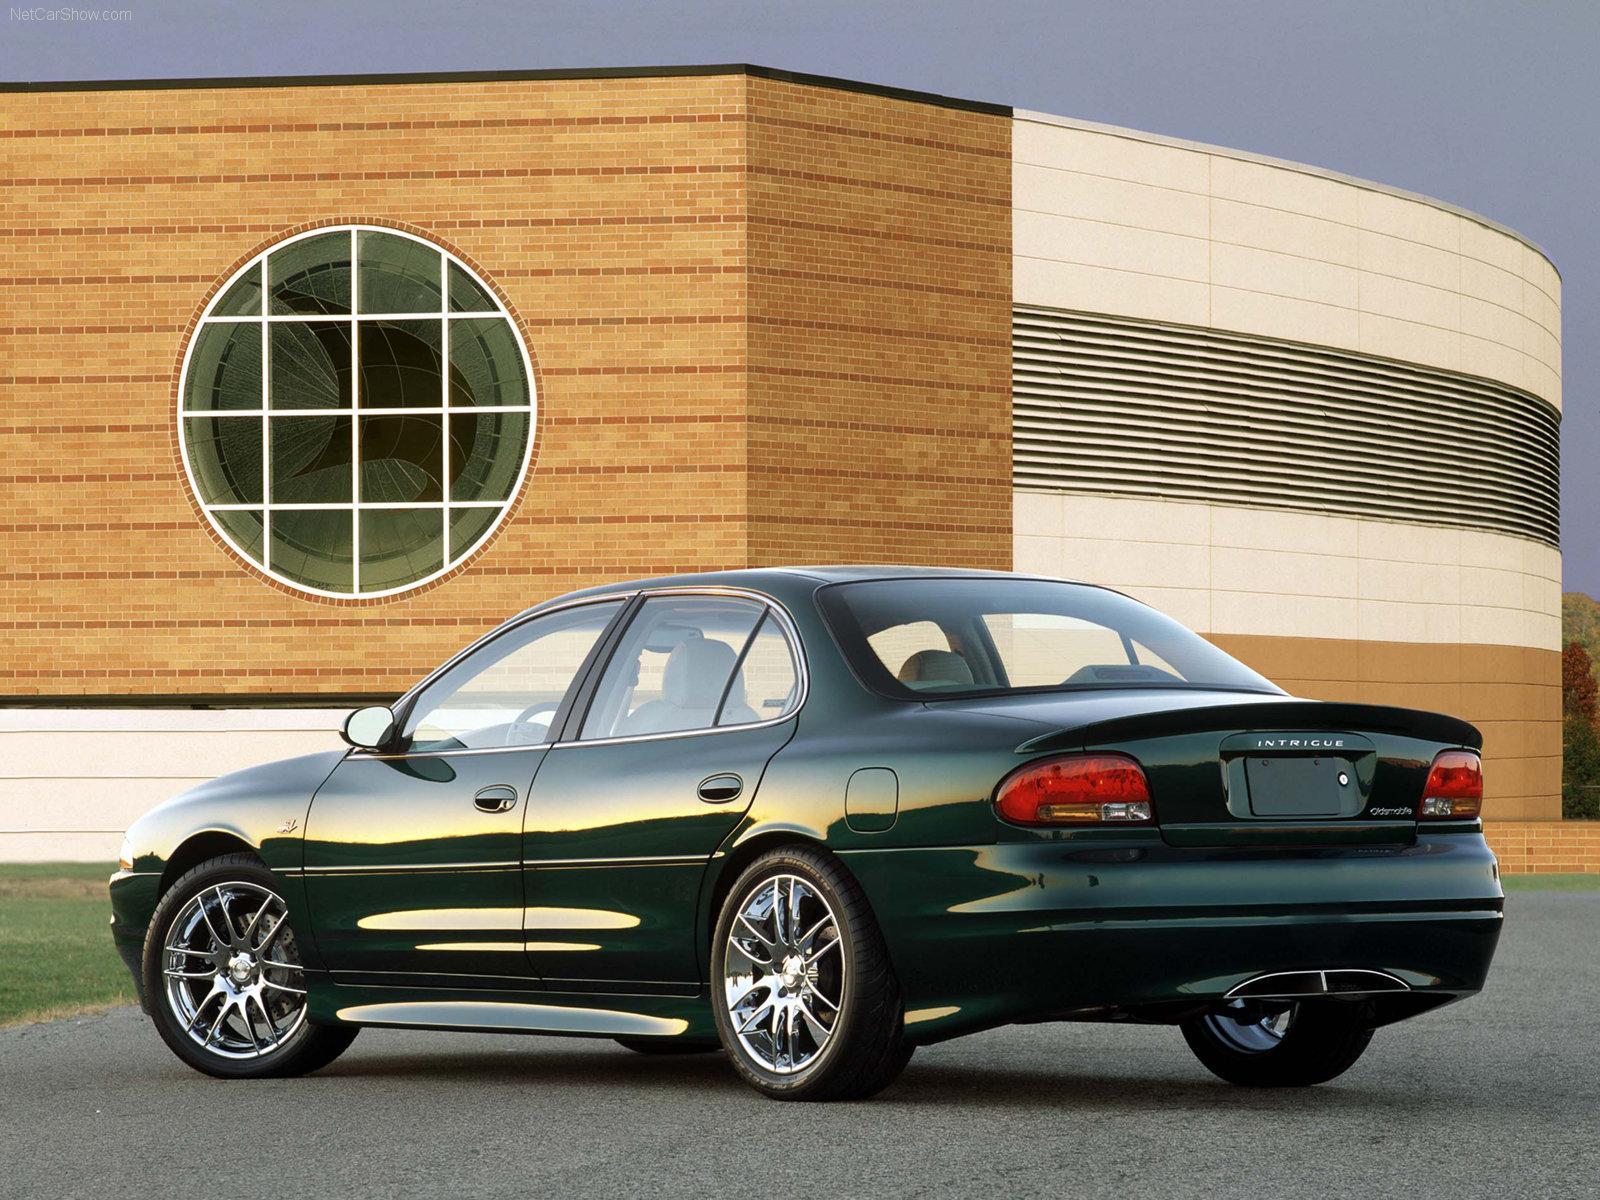 Hình ảnh xe ô tô Oldsmobile Intrigue 2002 & nội ngoại thất